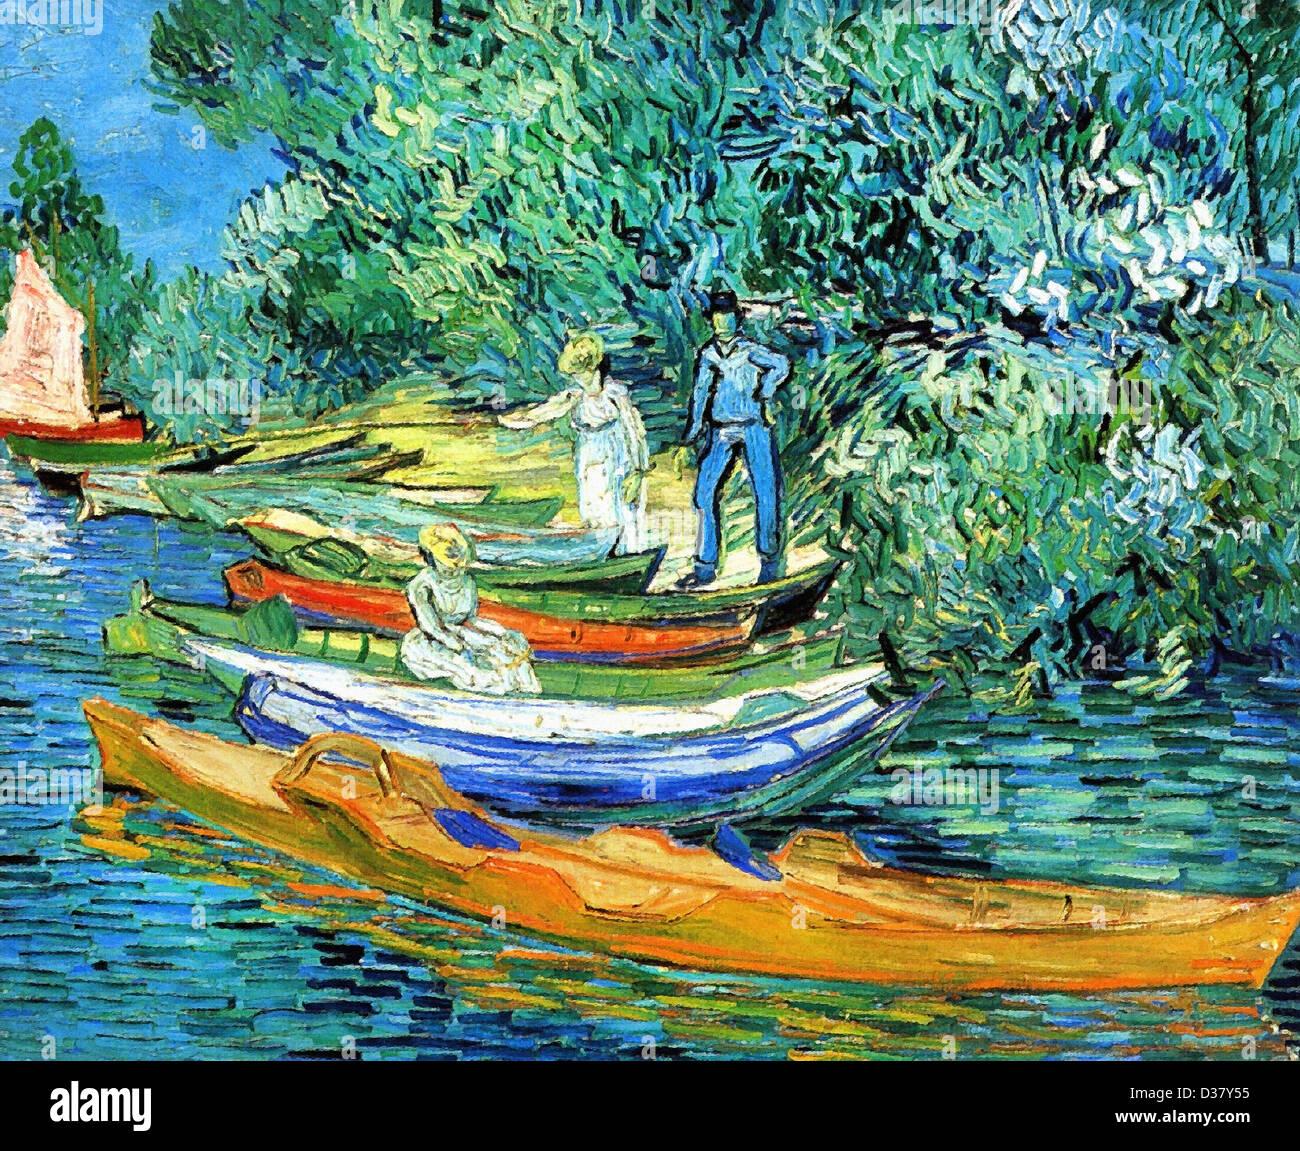 Vincent van Gogh, barche a remi sulle rive dell'Oise. 1890. Post-Impressionism. Olio su tela. Immagini Stock